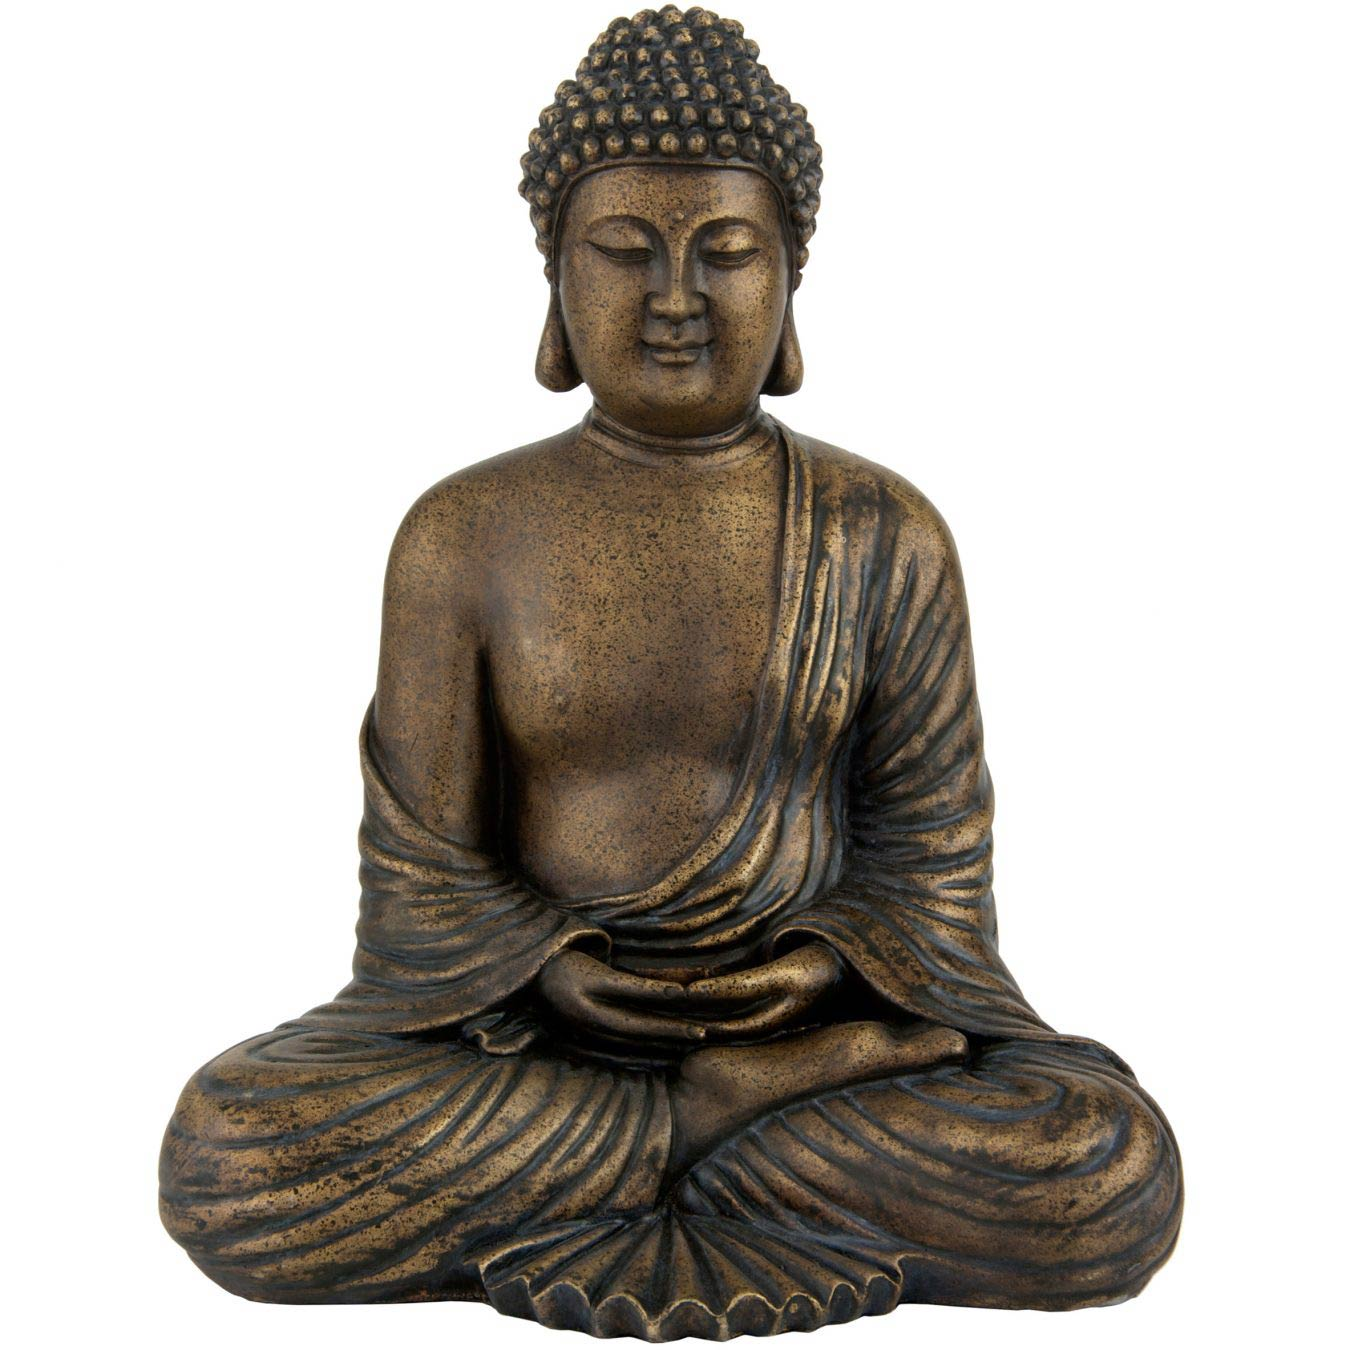 Buddhist statues 12 japanese sitting buddha statue biocorpaavc Choice Image